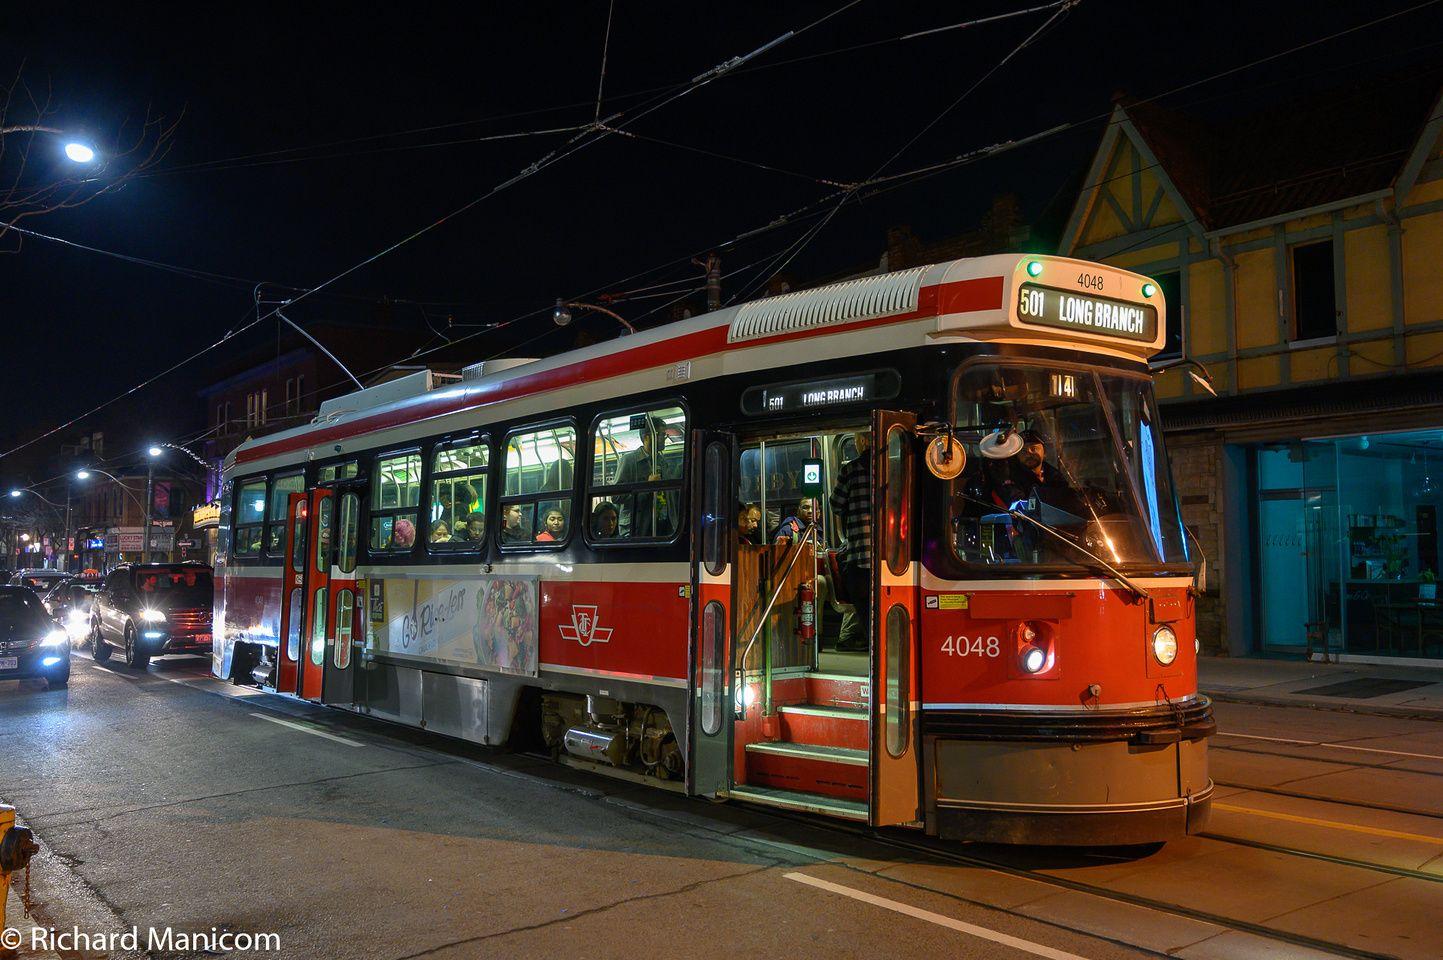 Toronto Clrv Streetcars Toronto Ontario Old Toronto Toronto Canada Toronto tram vehicle city night lights